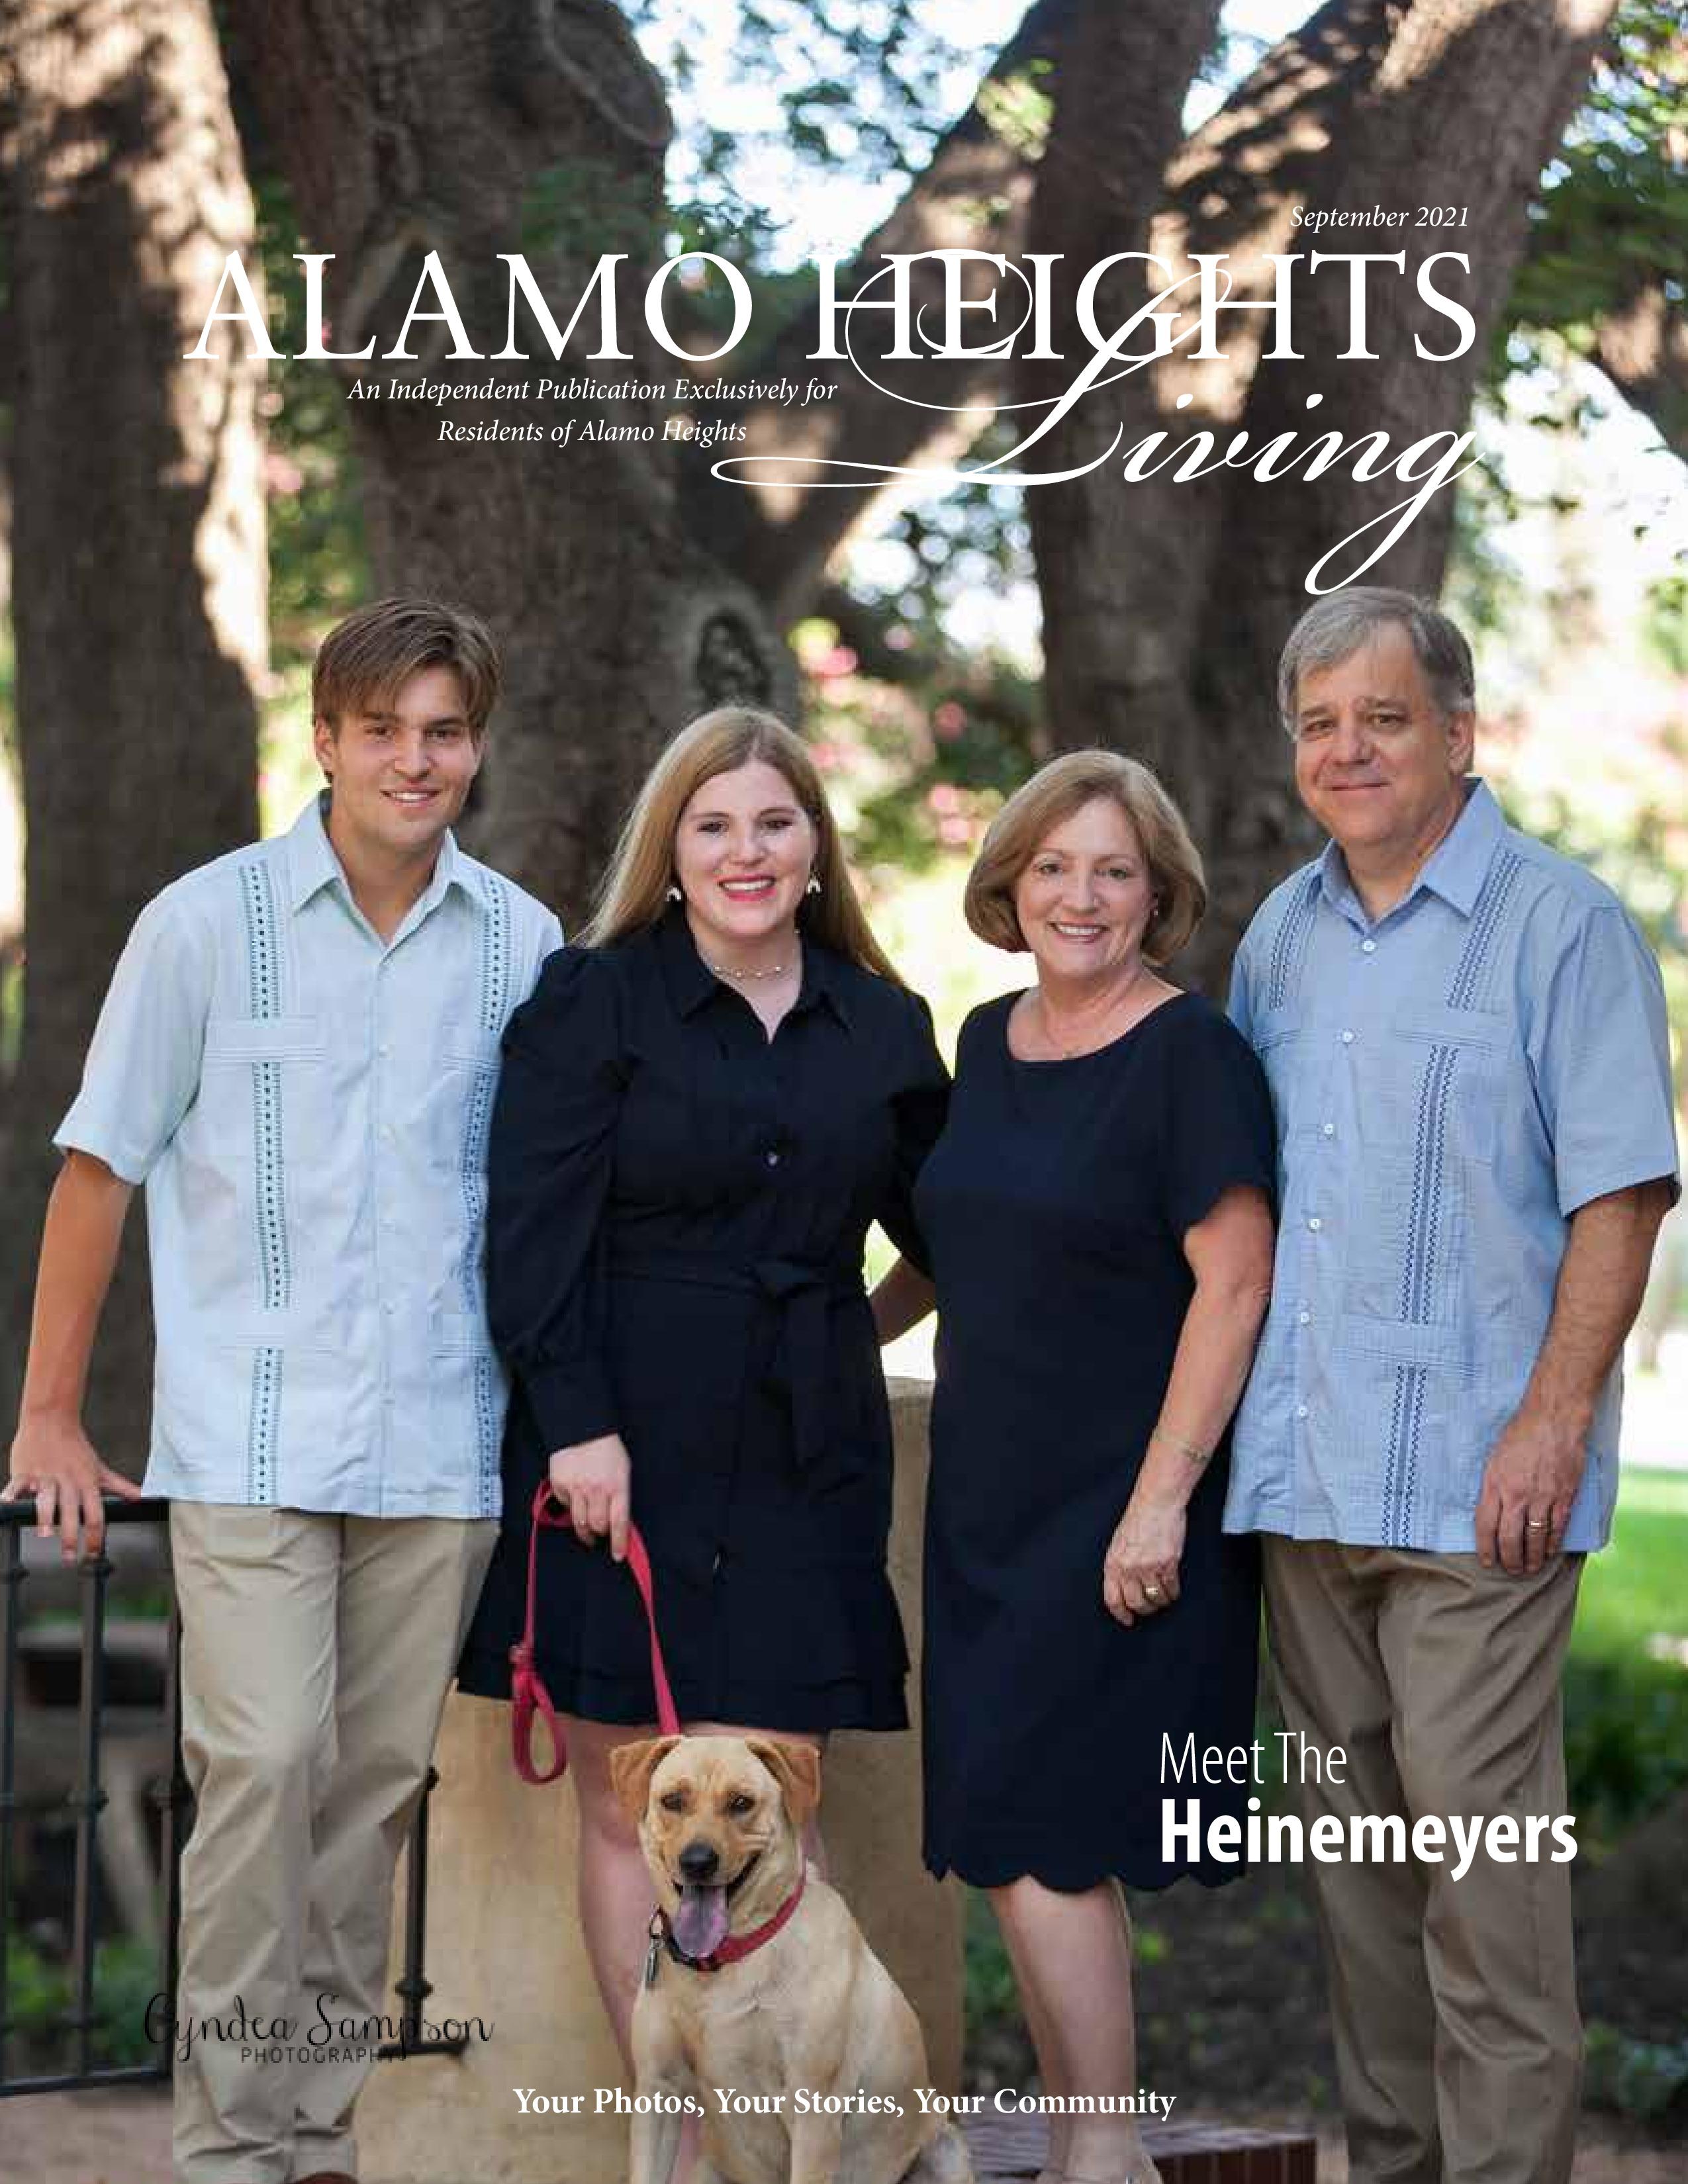 Alamo Heights Living 2021-09-01